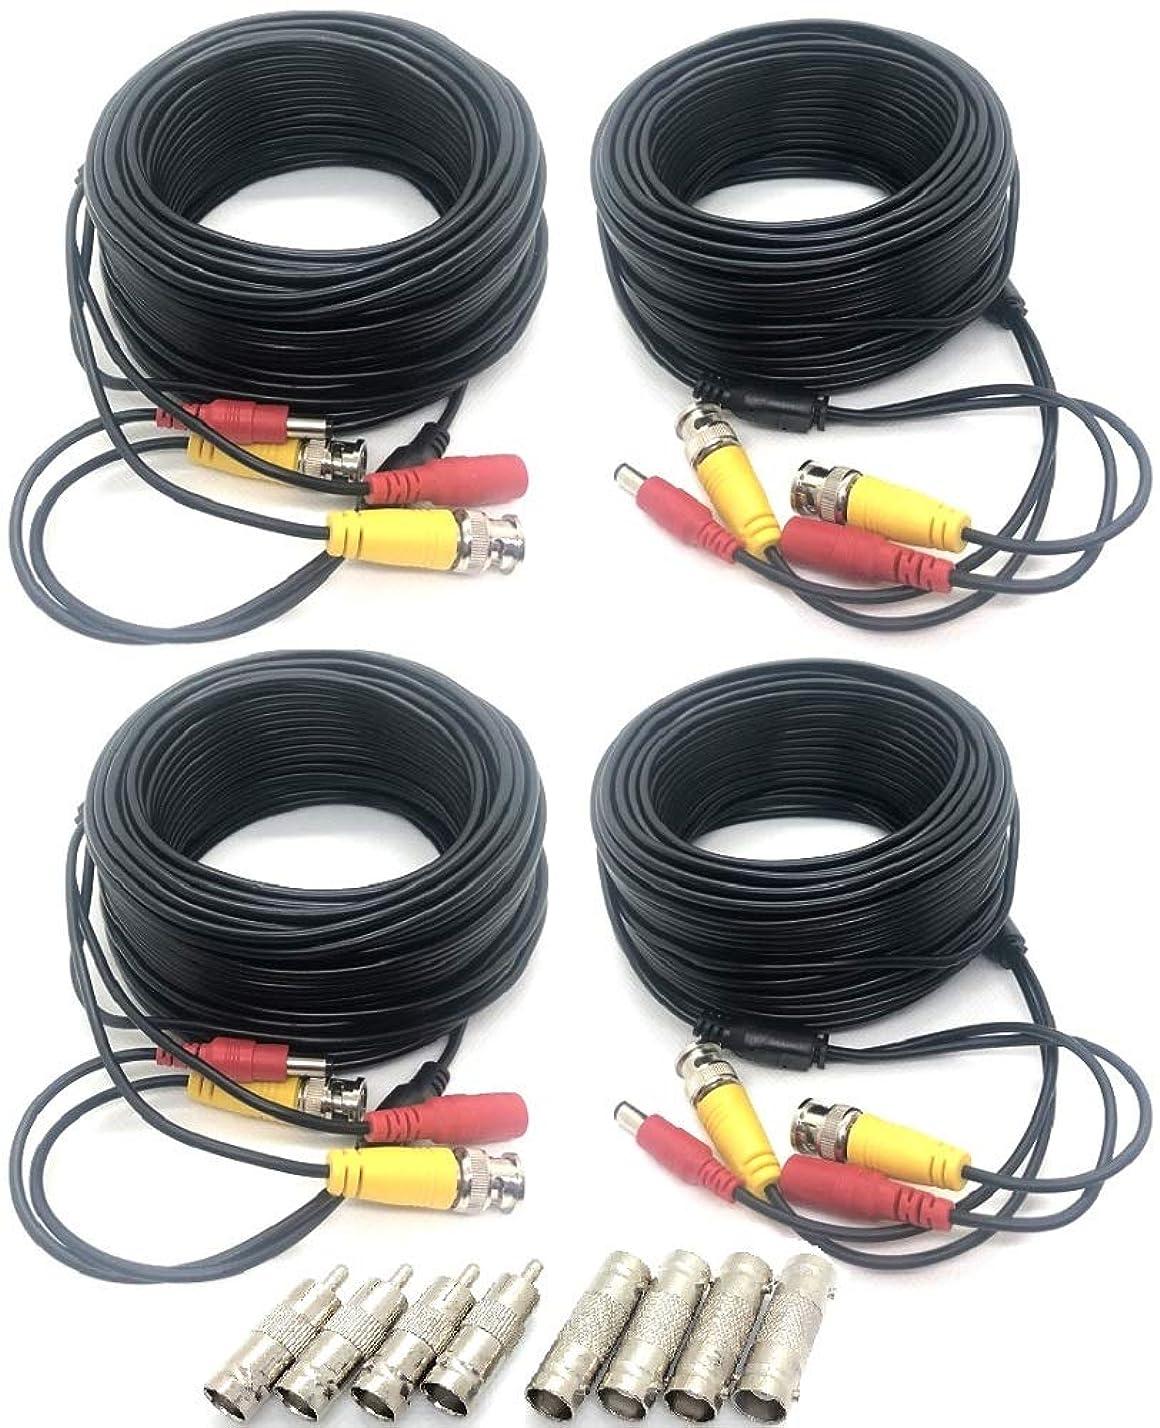 ケージ飾るゆでるCCTV 防犯カメラ用 延長ケーブル 30m 4本 セット 8個 コネクタ 付き BNC 端子 ケーブル 映像 電源 一体型 増設 KRB011